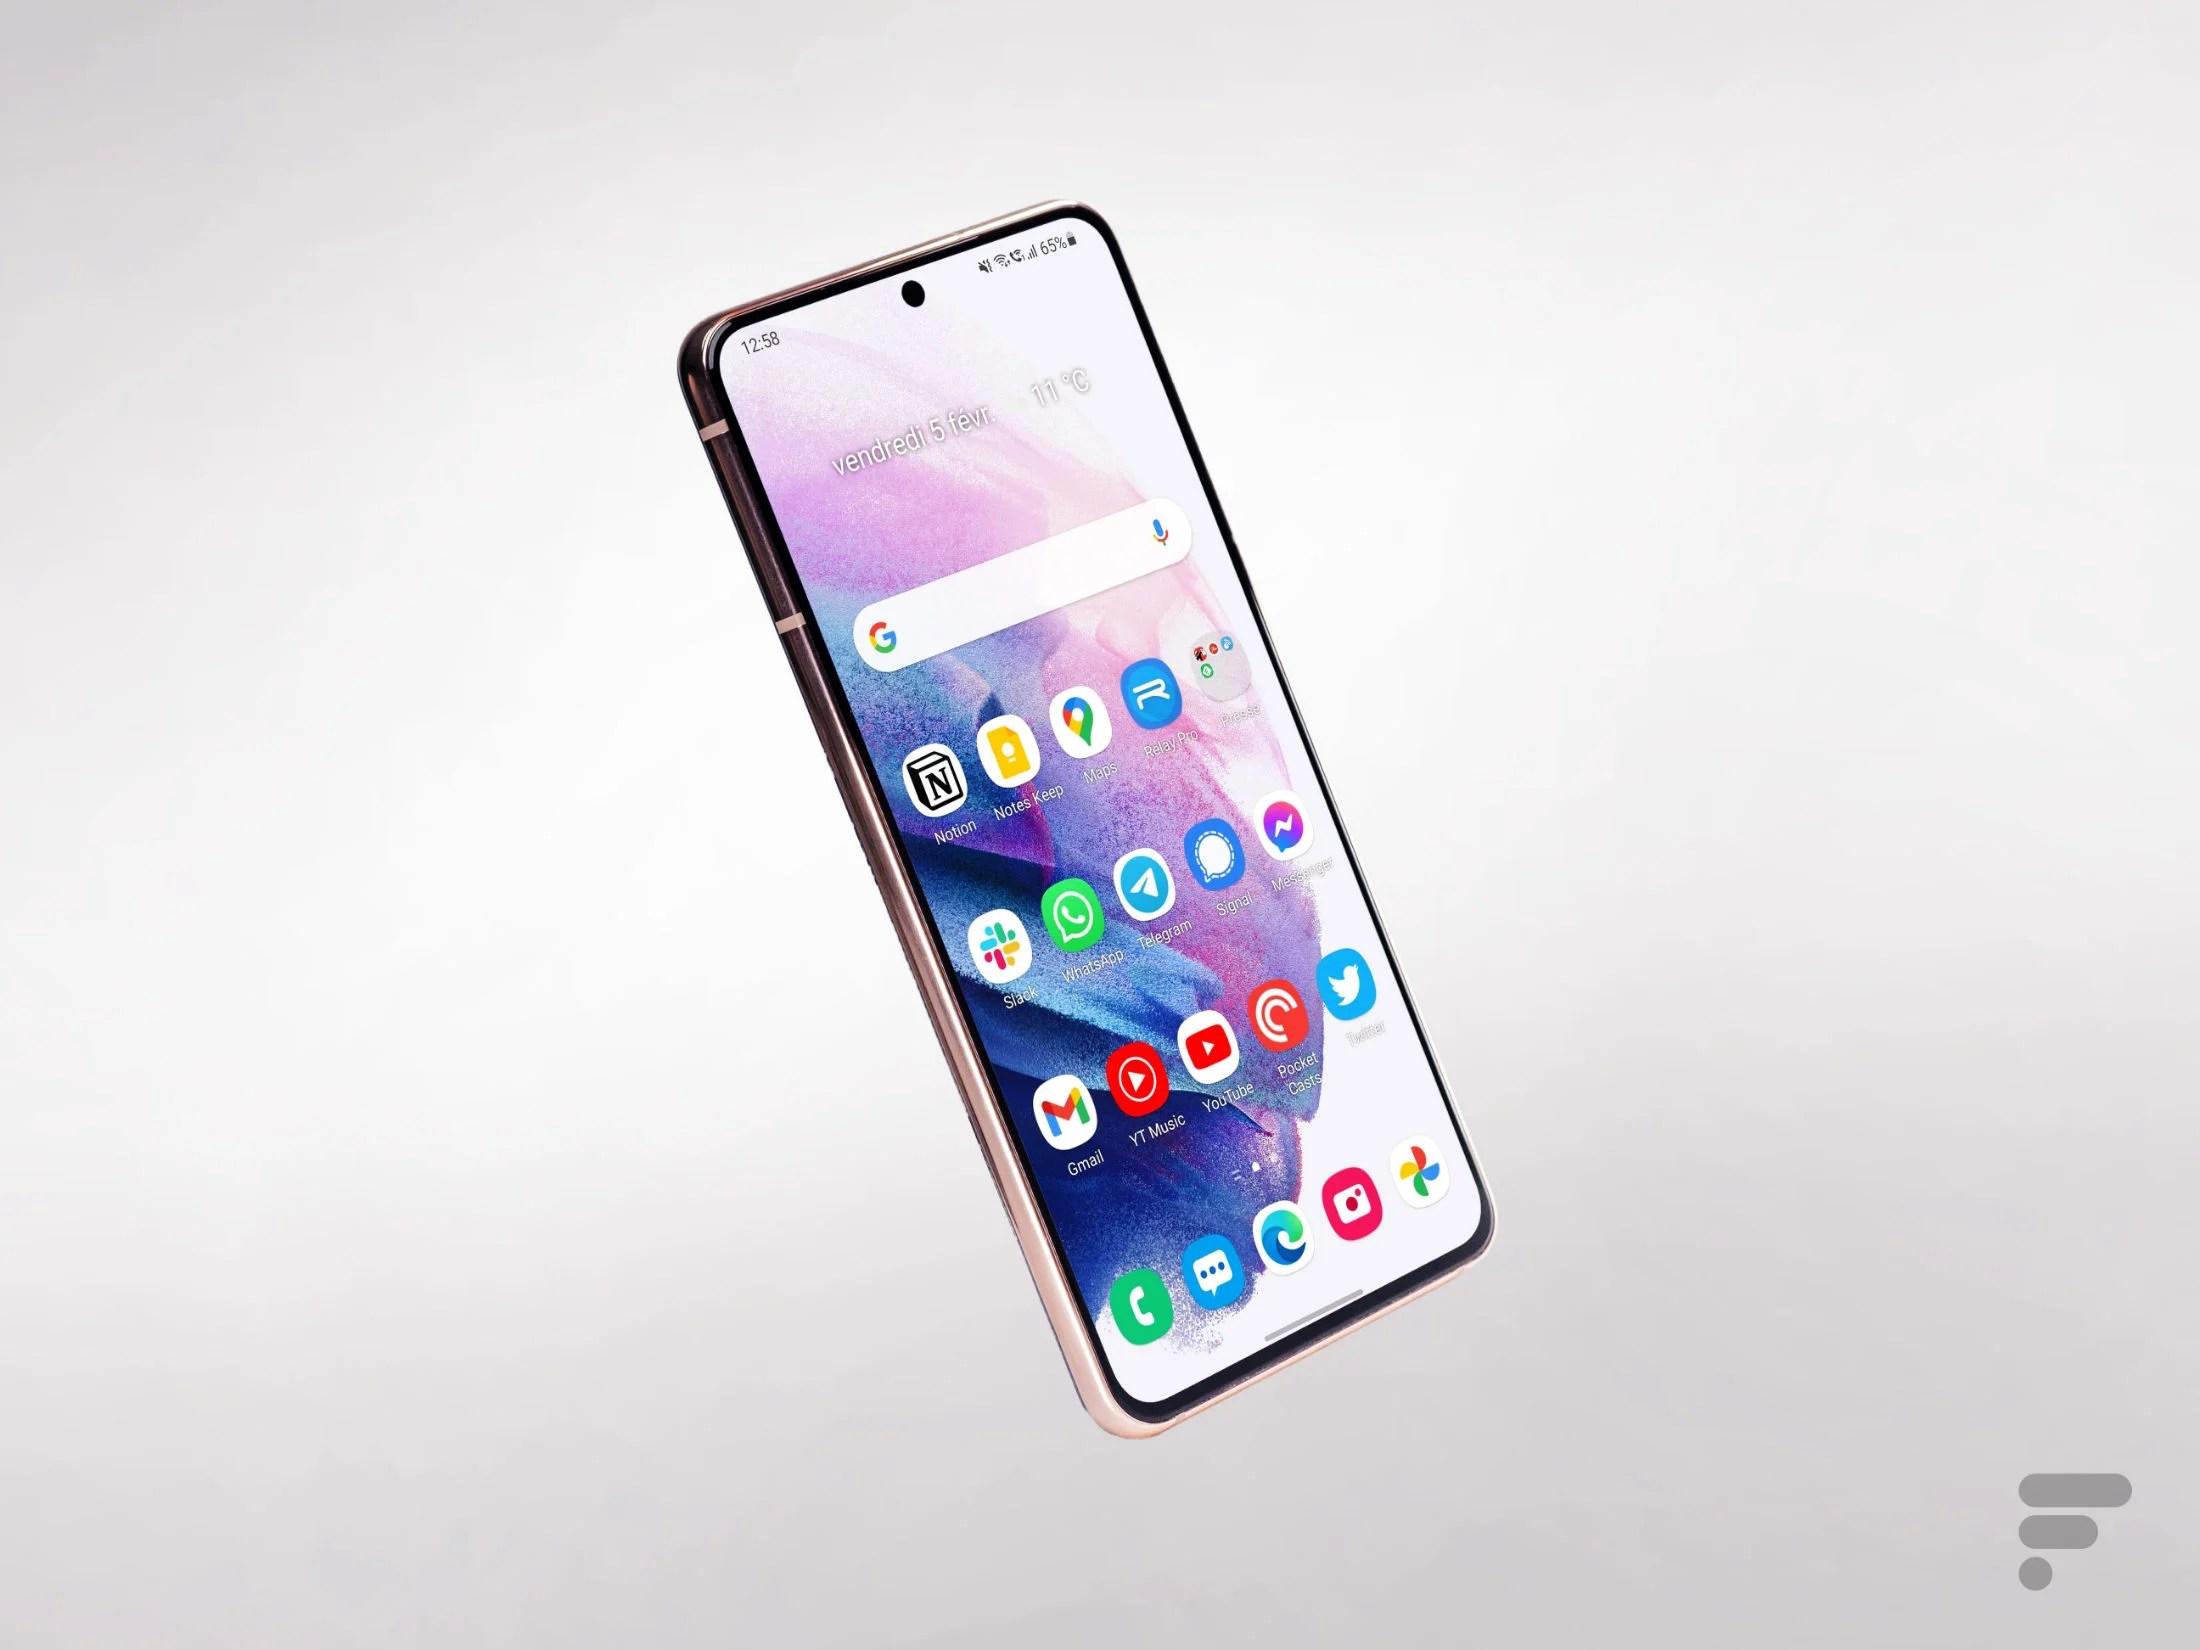 Samsung Galaxy S21 : son prix est en baisse de 170 € grâce à un code promo Bouygues Telecom